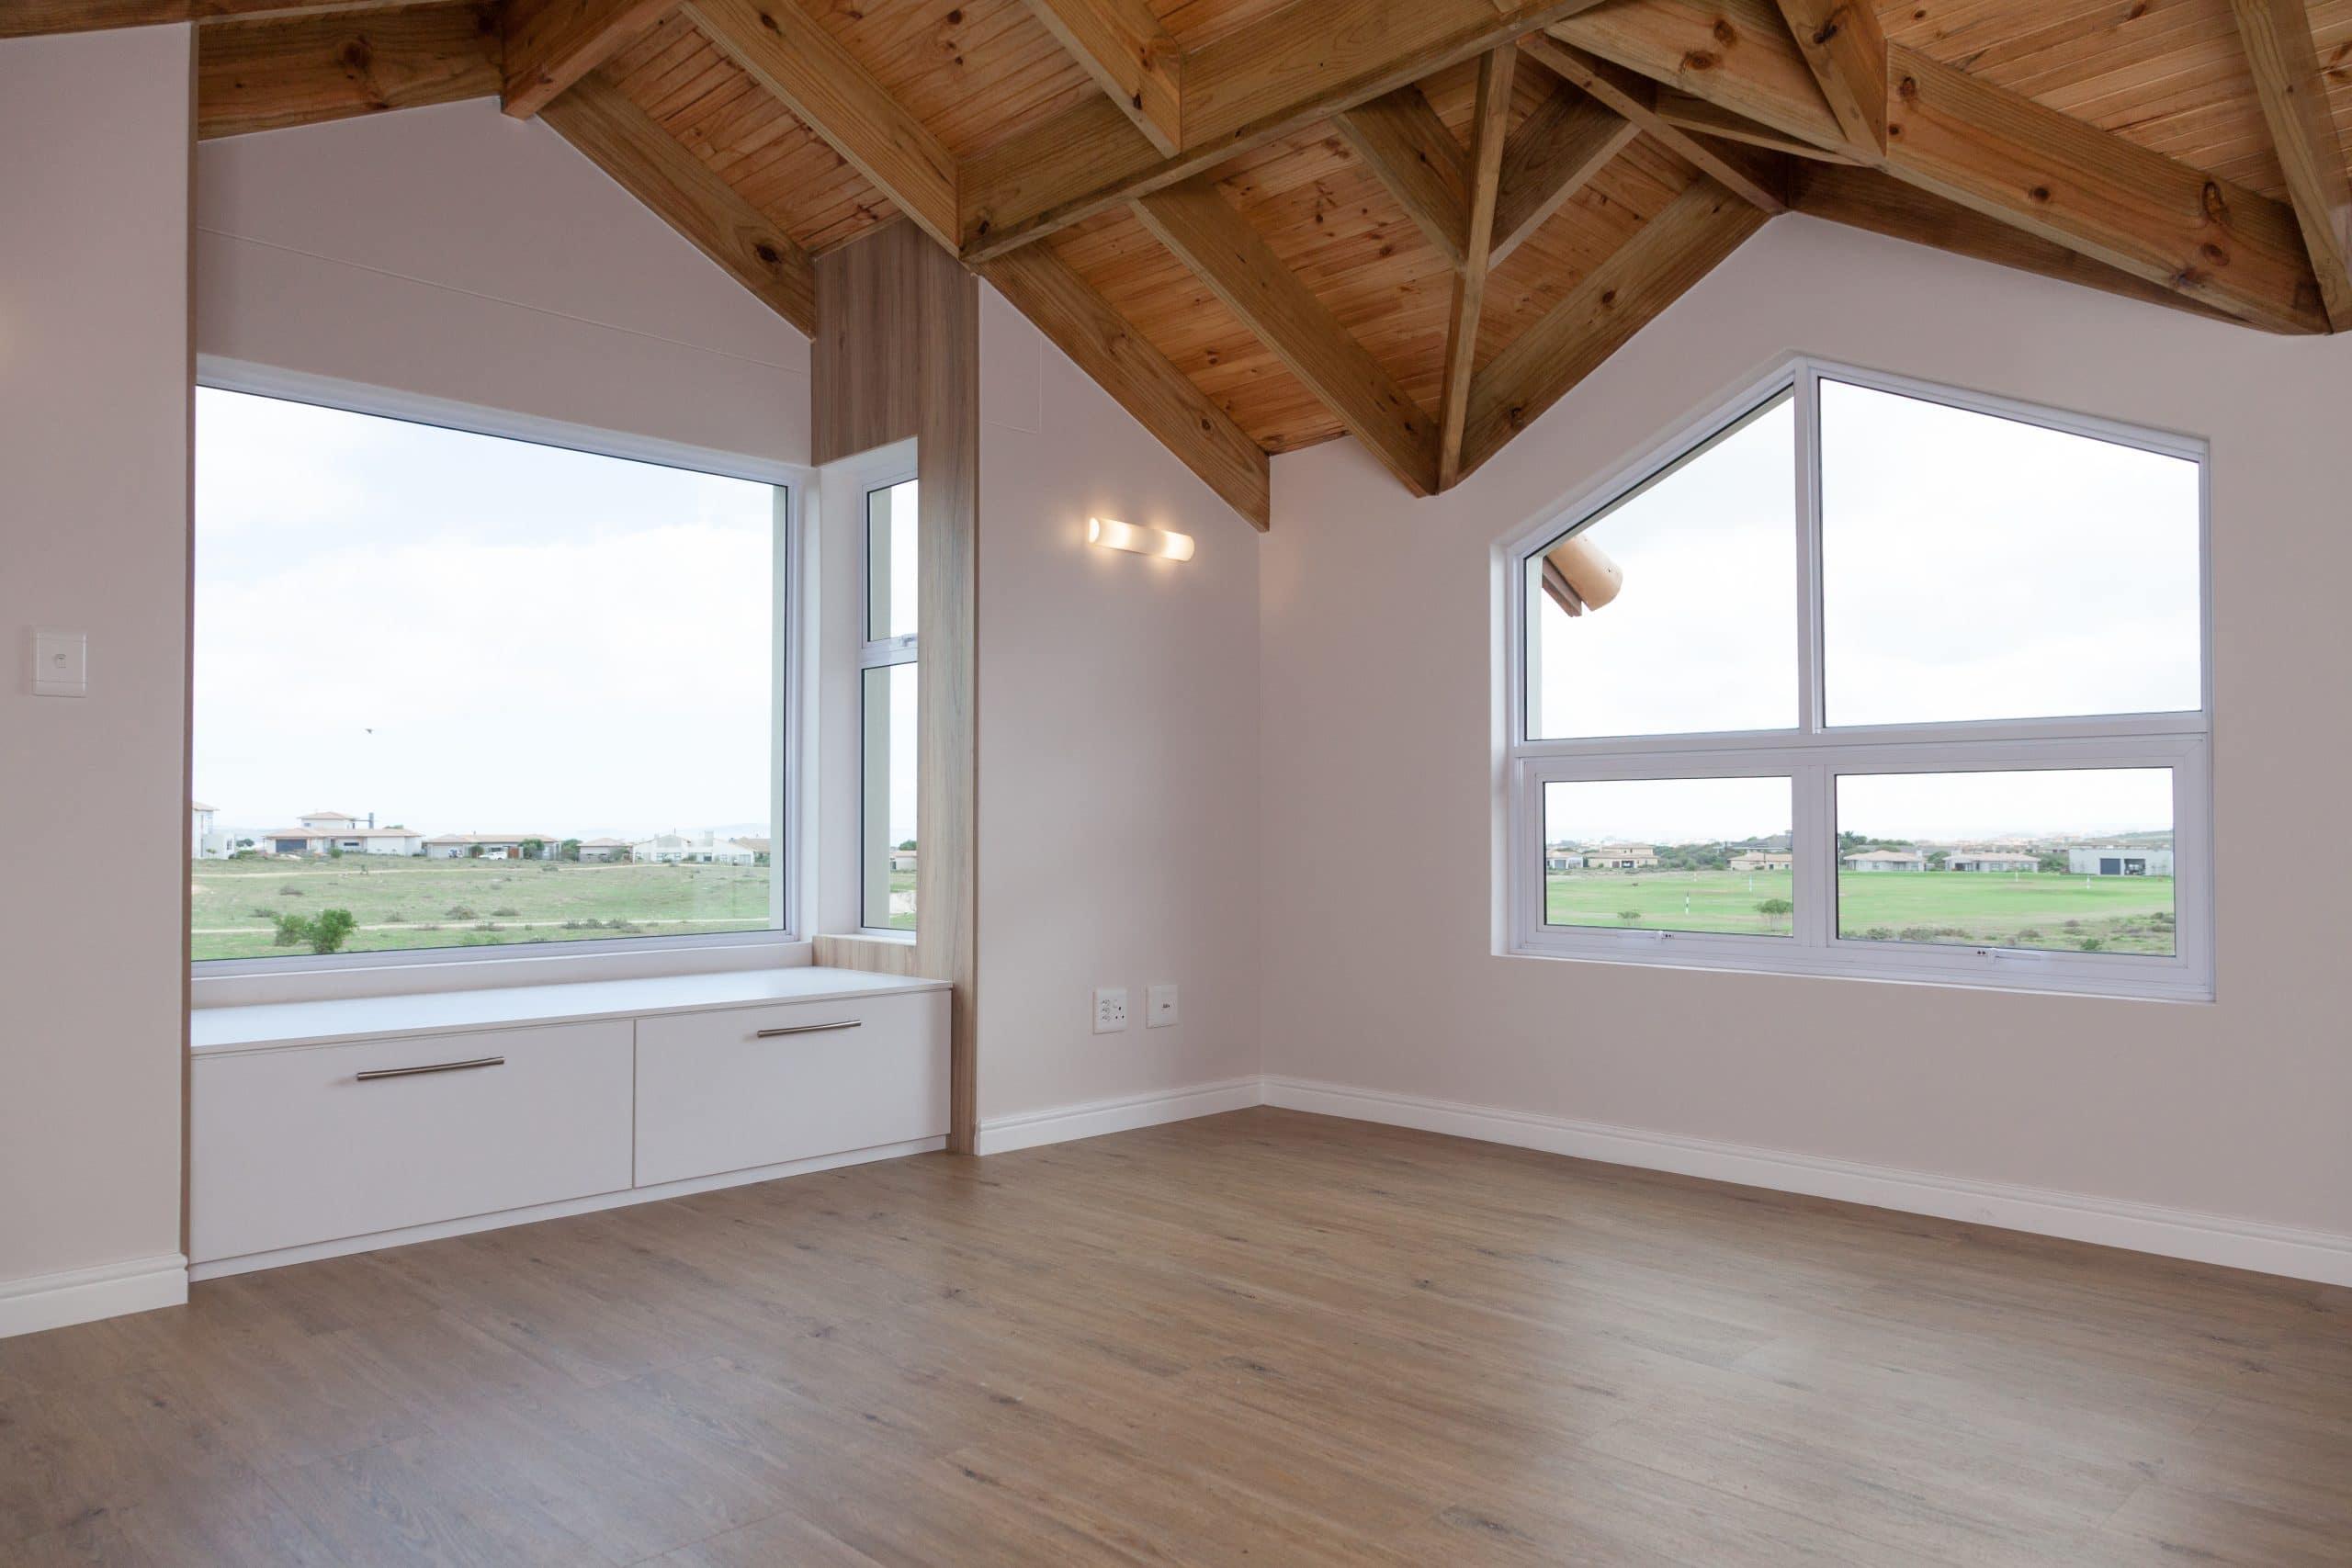 langebaan country estate driving range loft bedroom